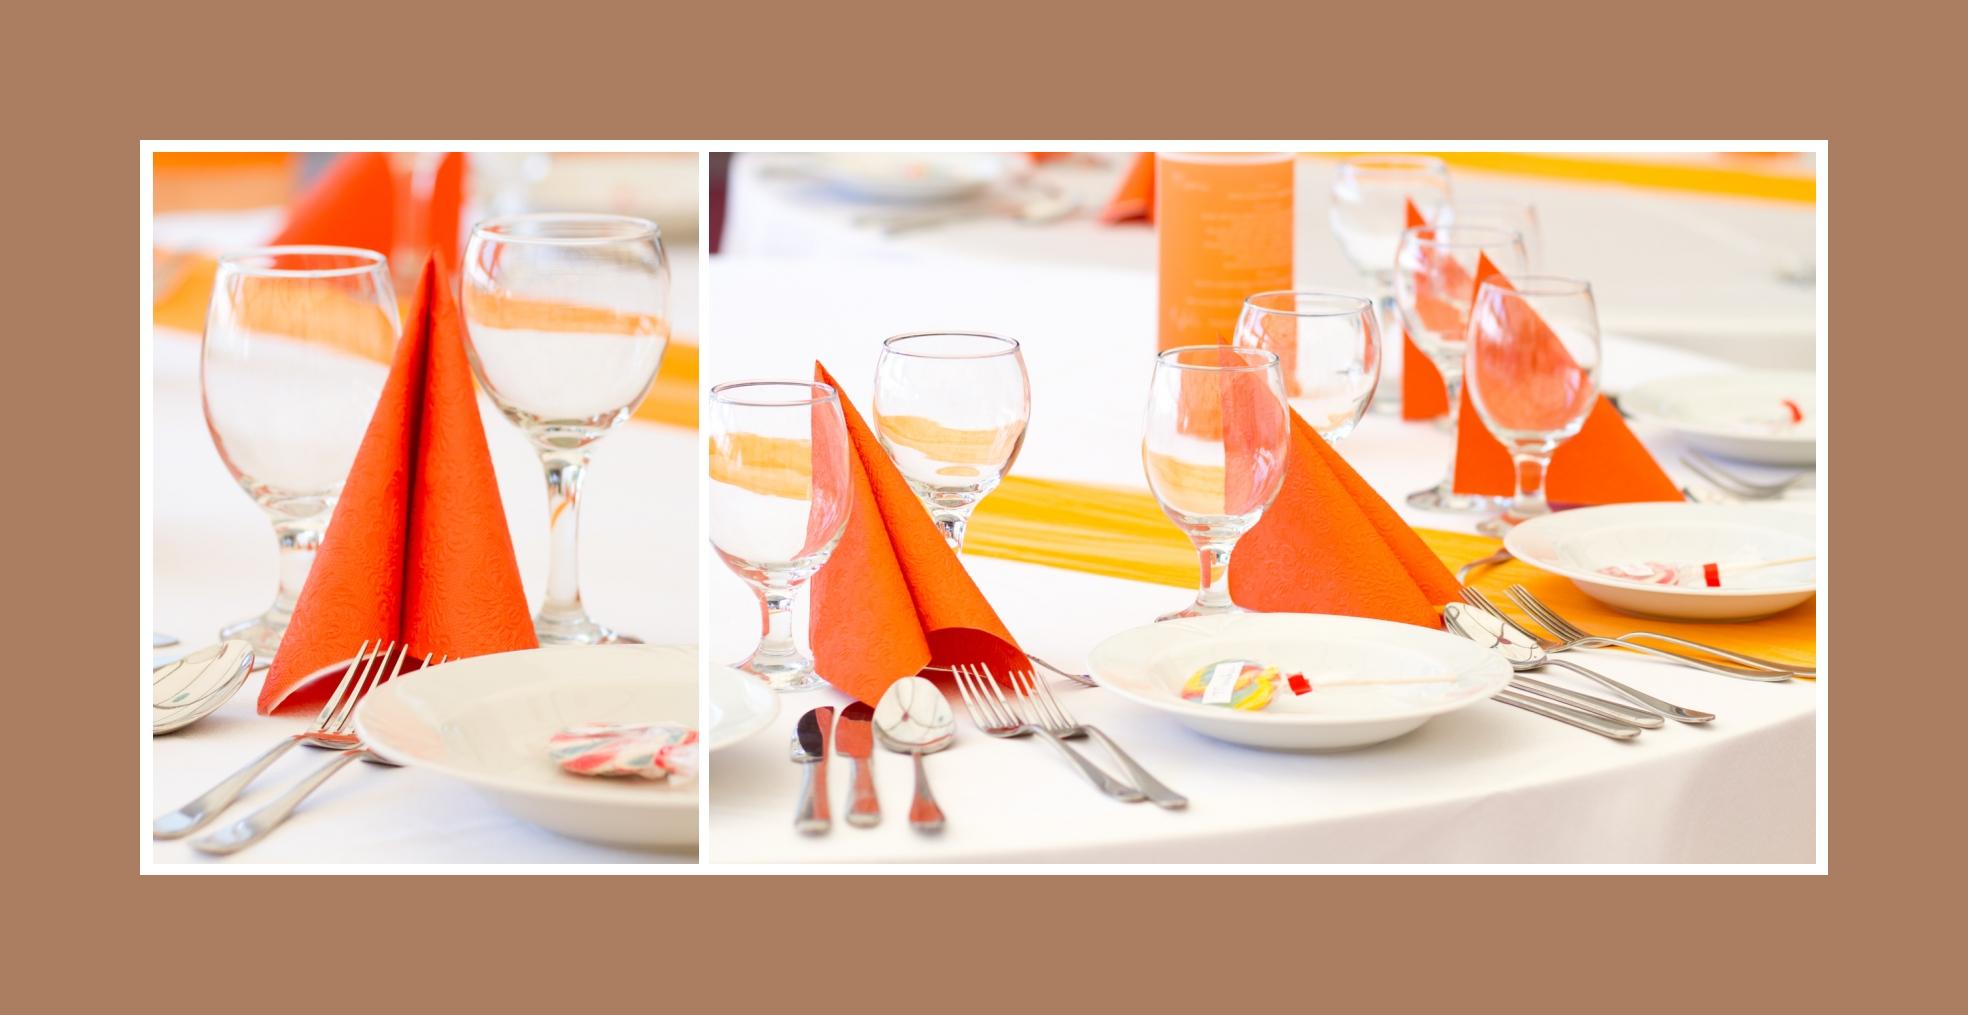 Süßigkeiten für jedes Kind - wichtige Details der Tischdeko und der besten Laune